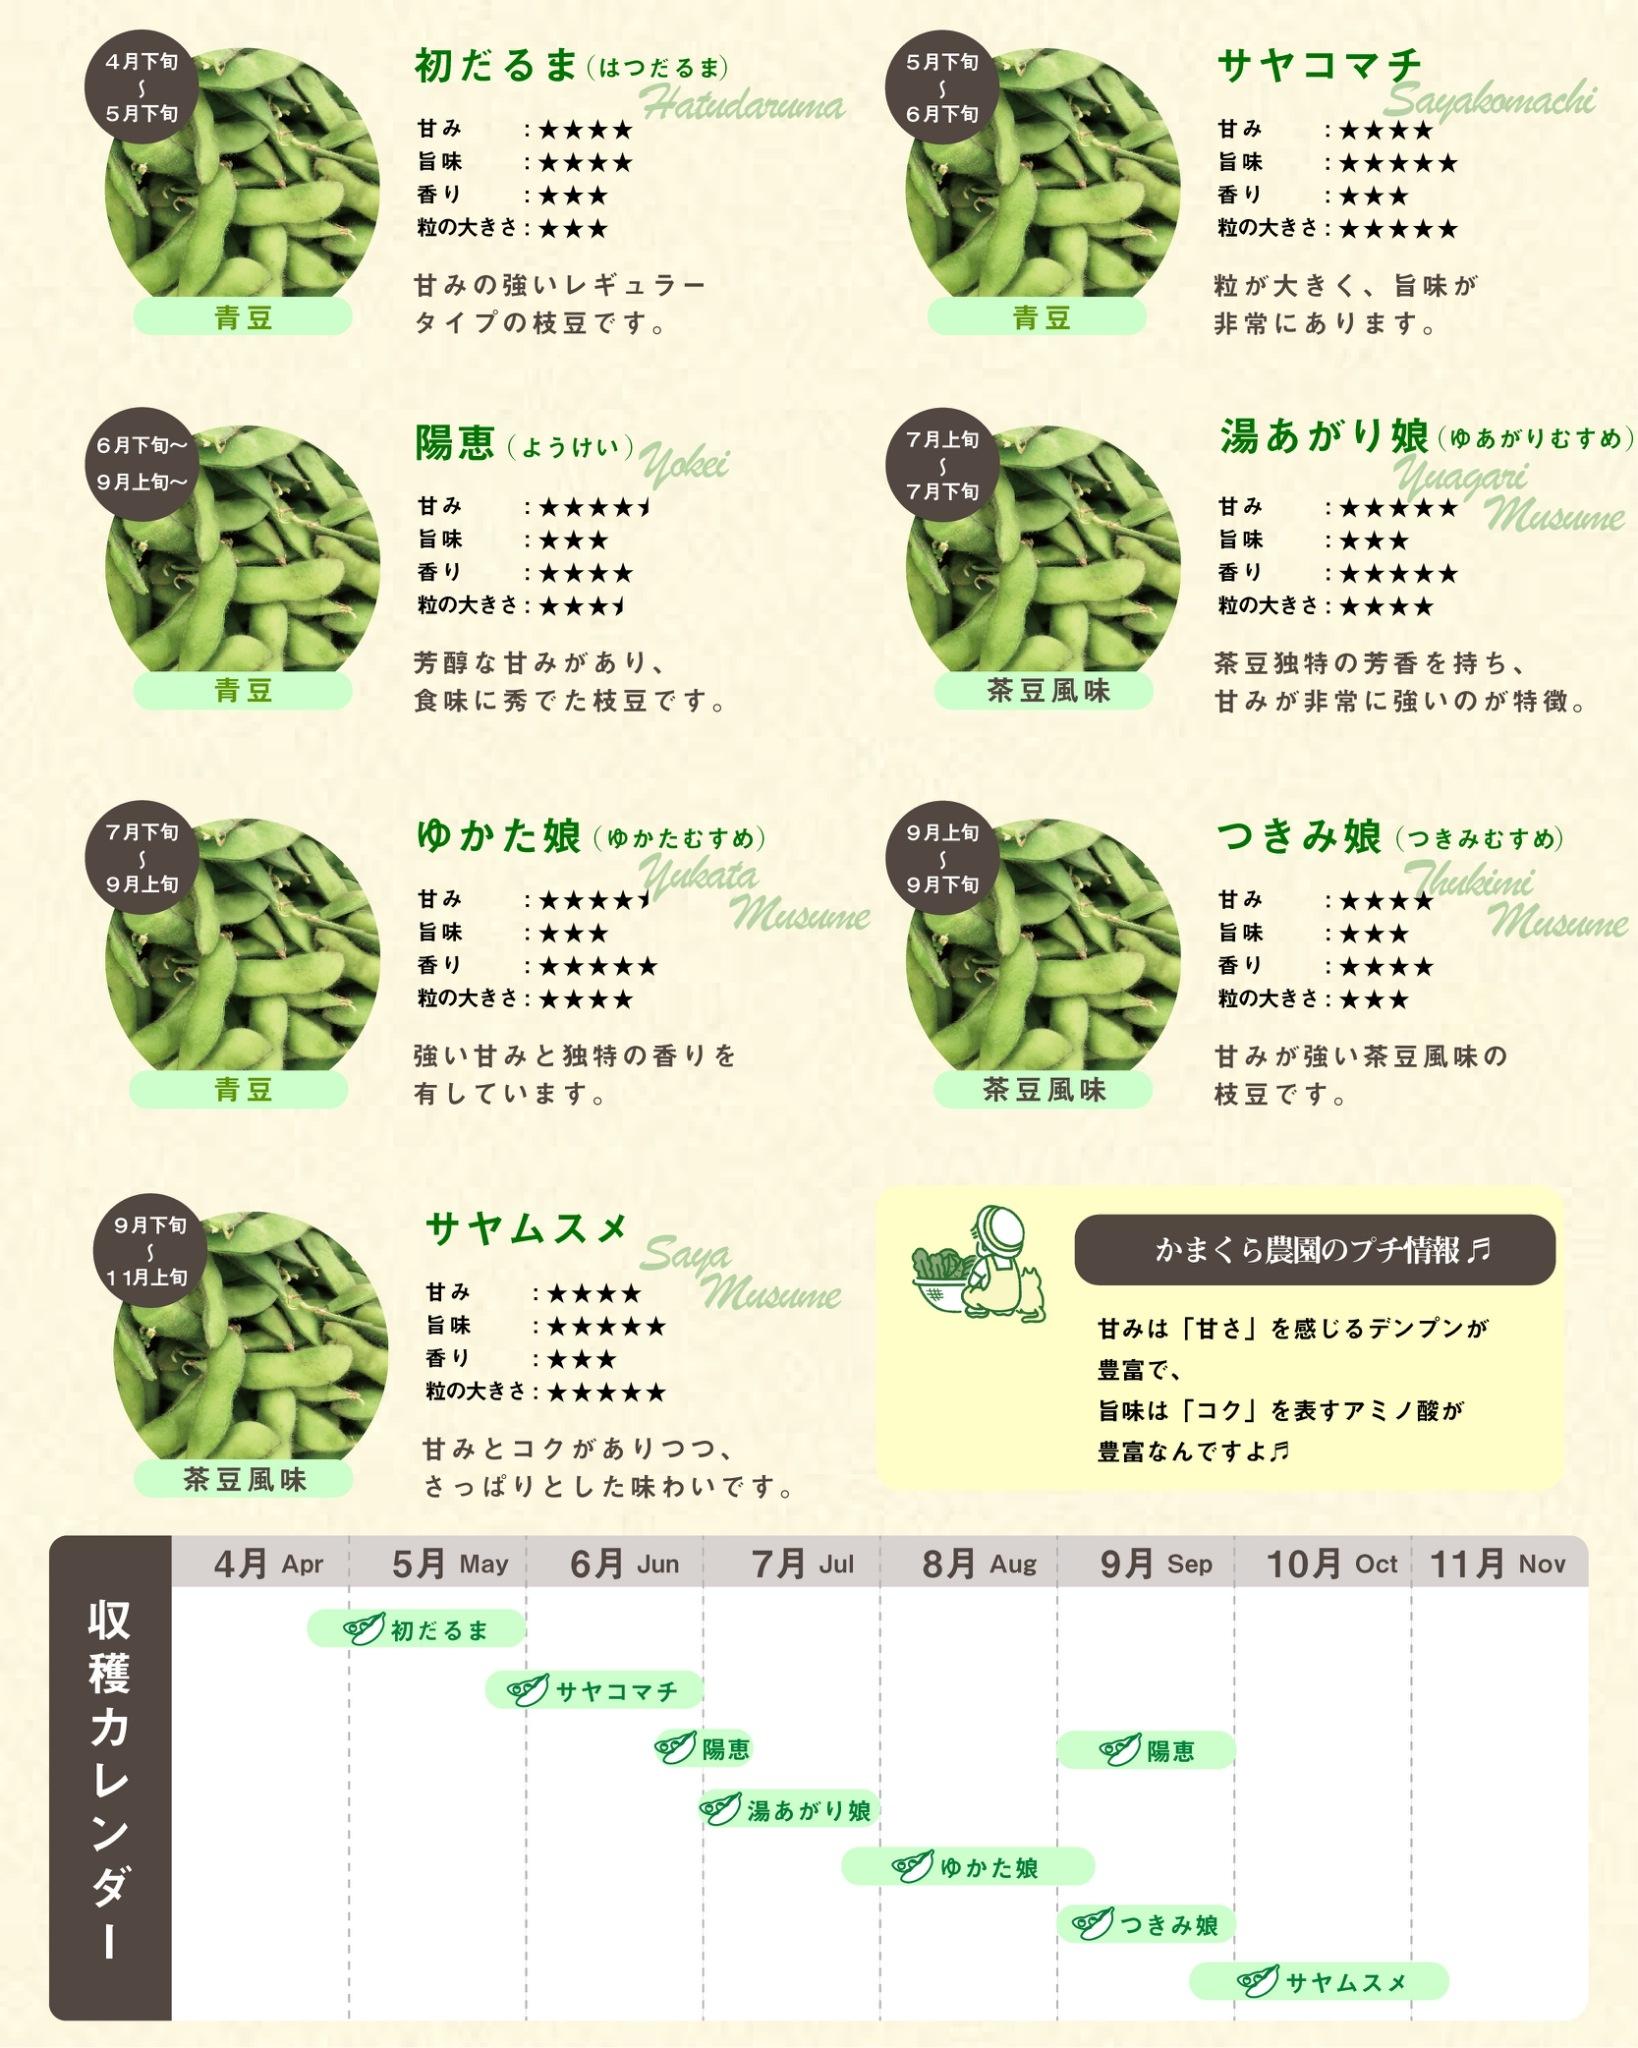 かまくら農園の枝豆品種一覧